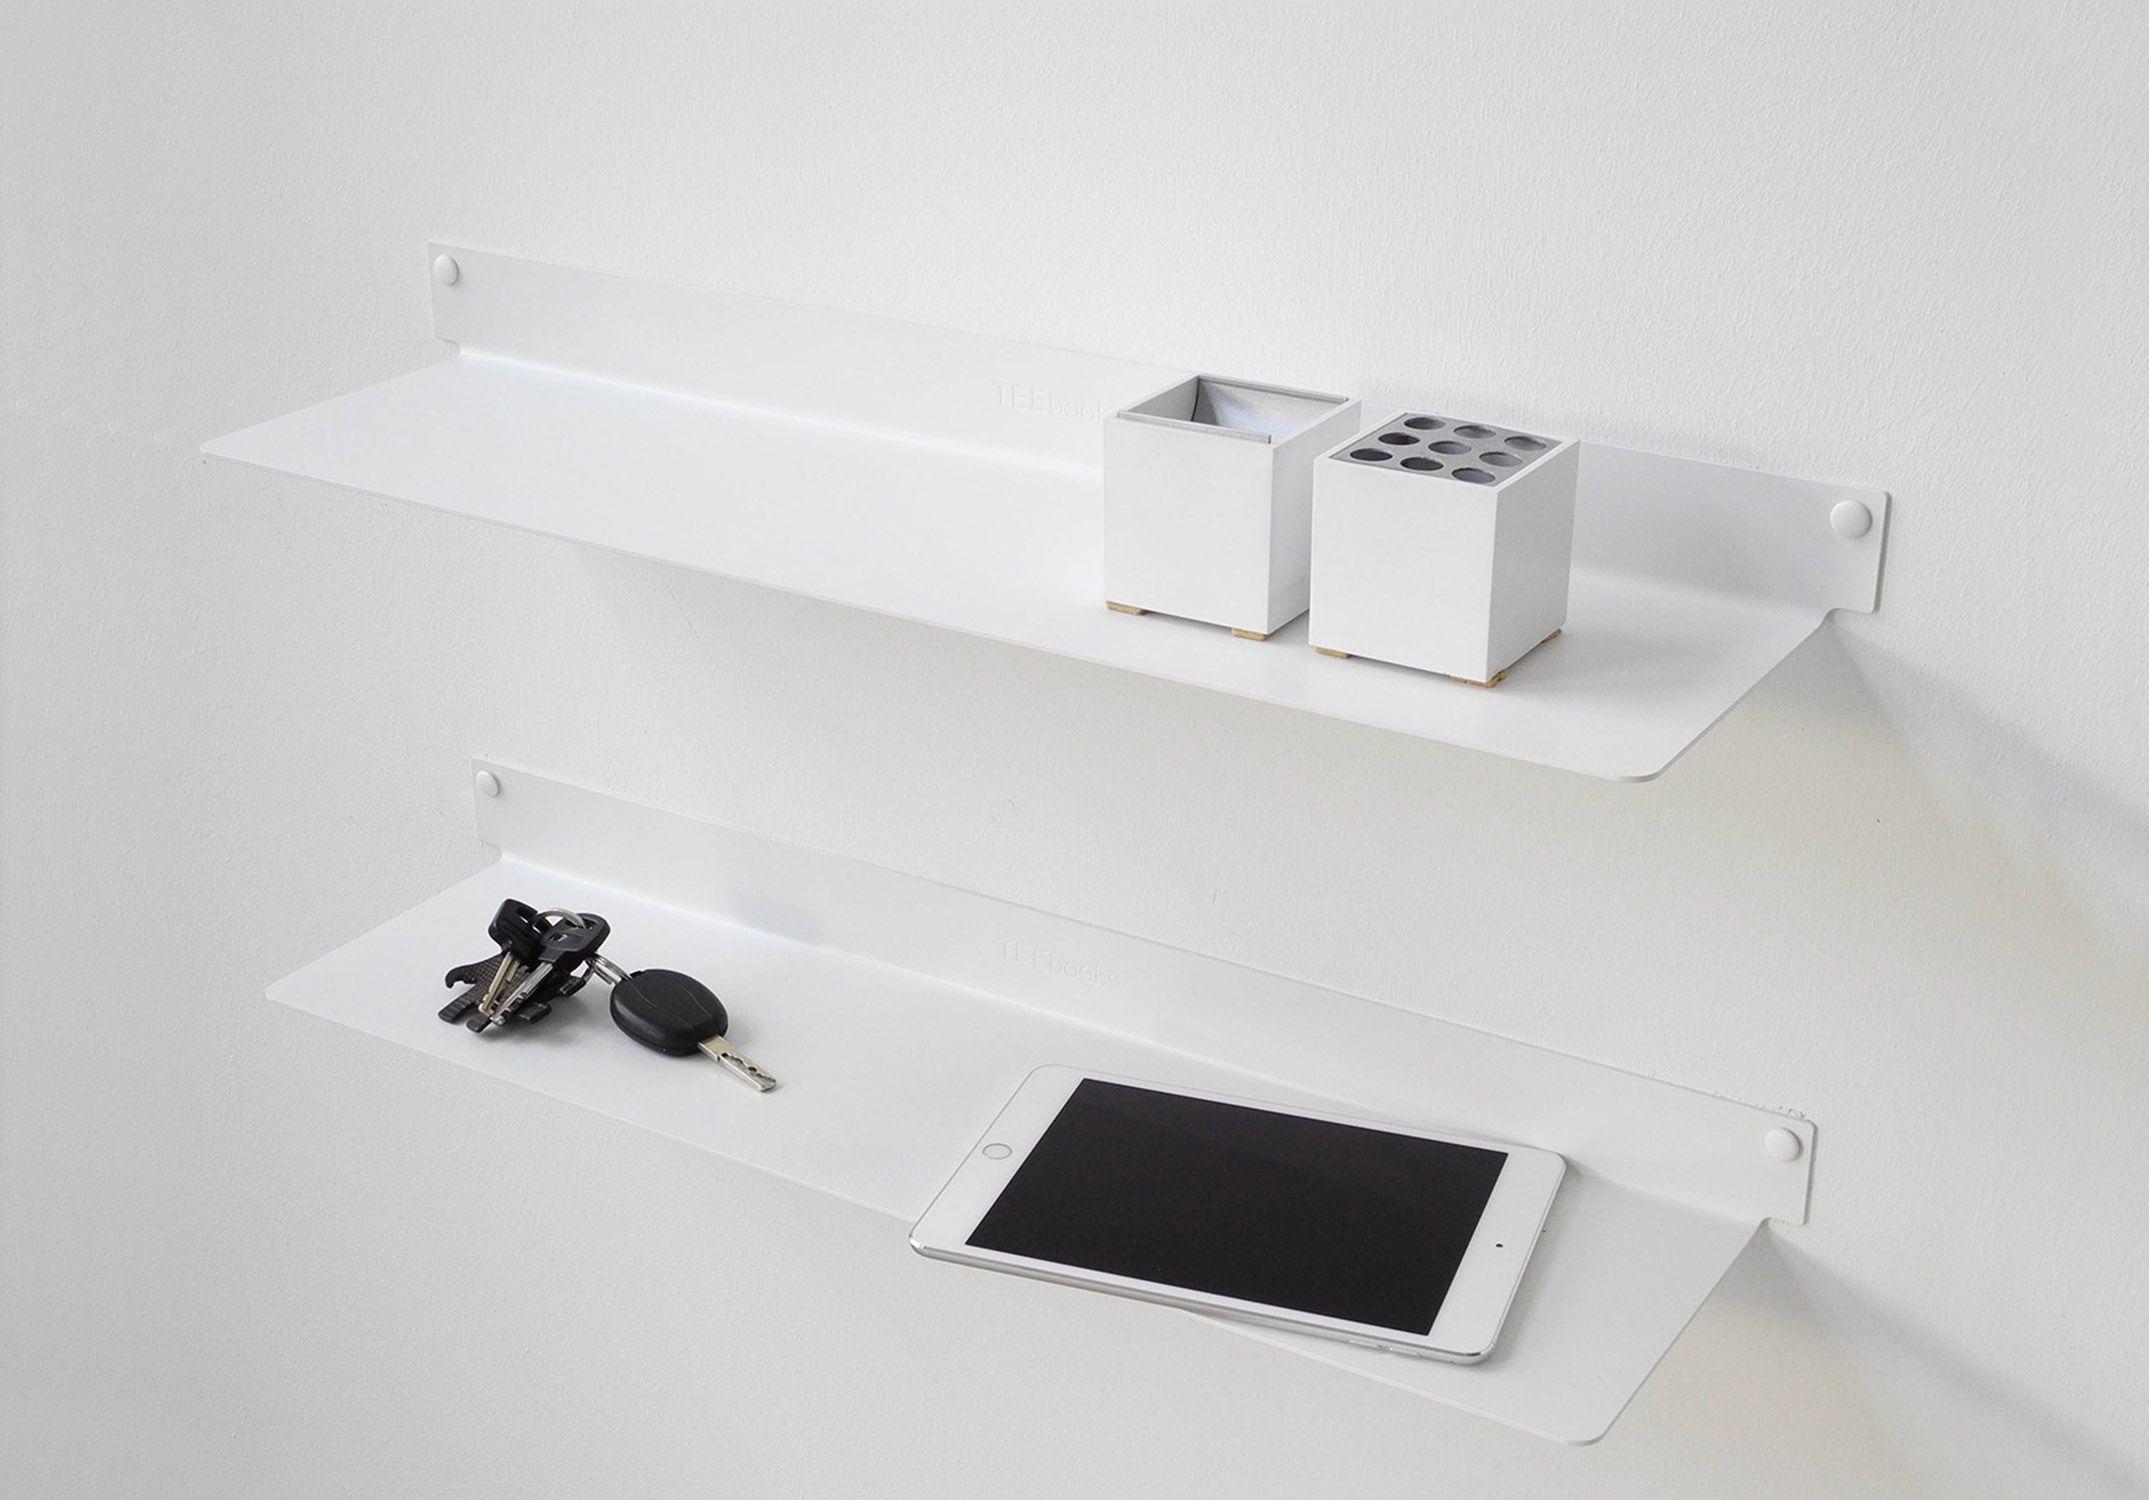 Tablette Murale A Fixation Invisible Étagère murale design - blanc, invisible et en métal 60 cm